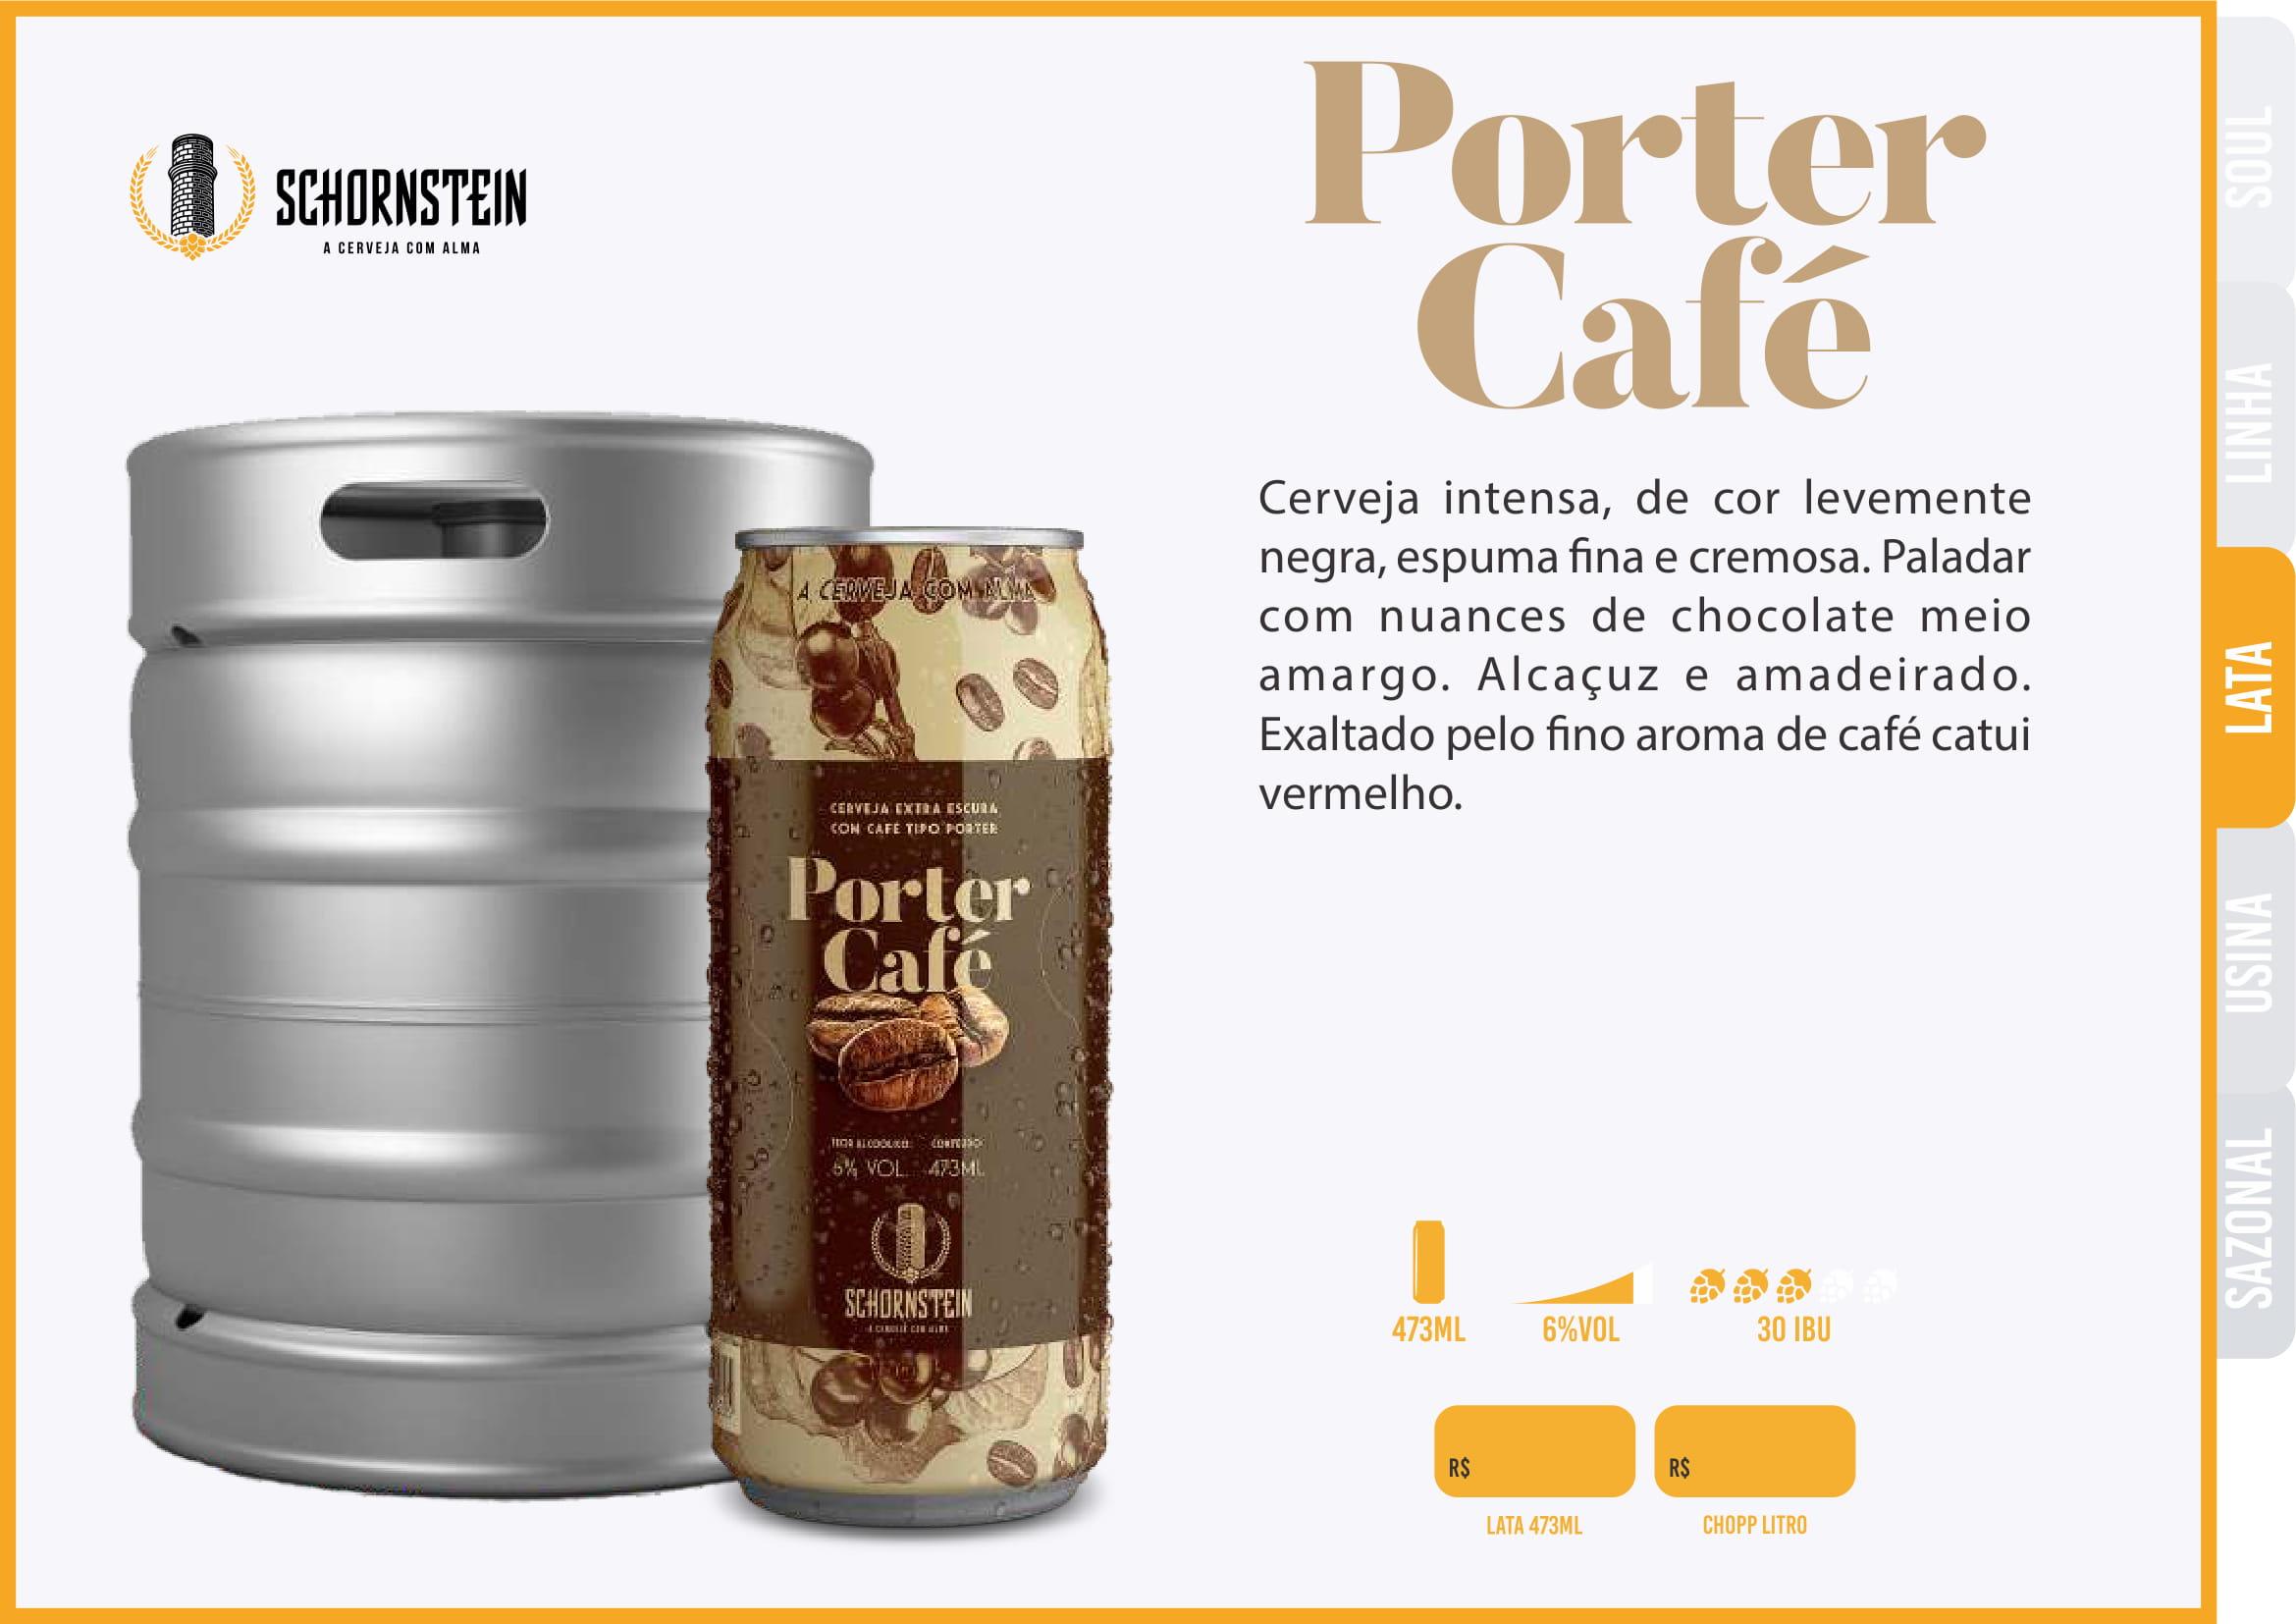 Schornstein Porter Café